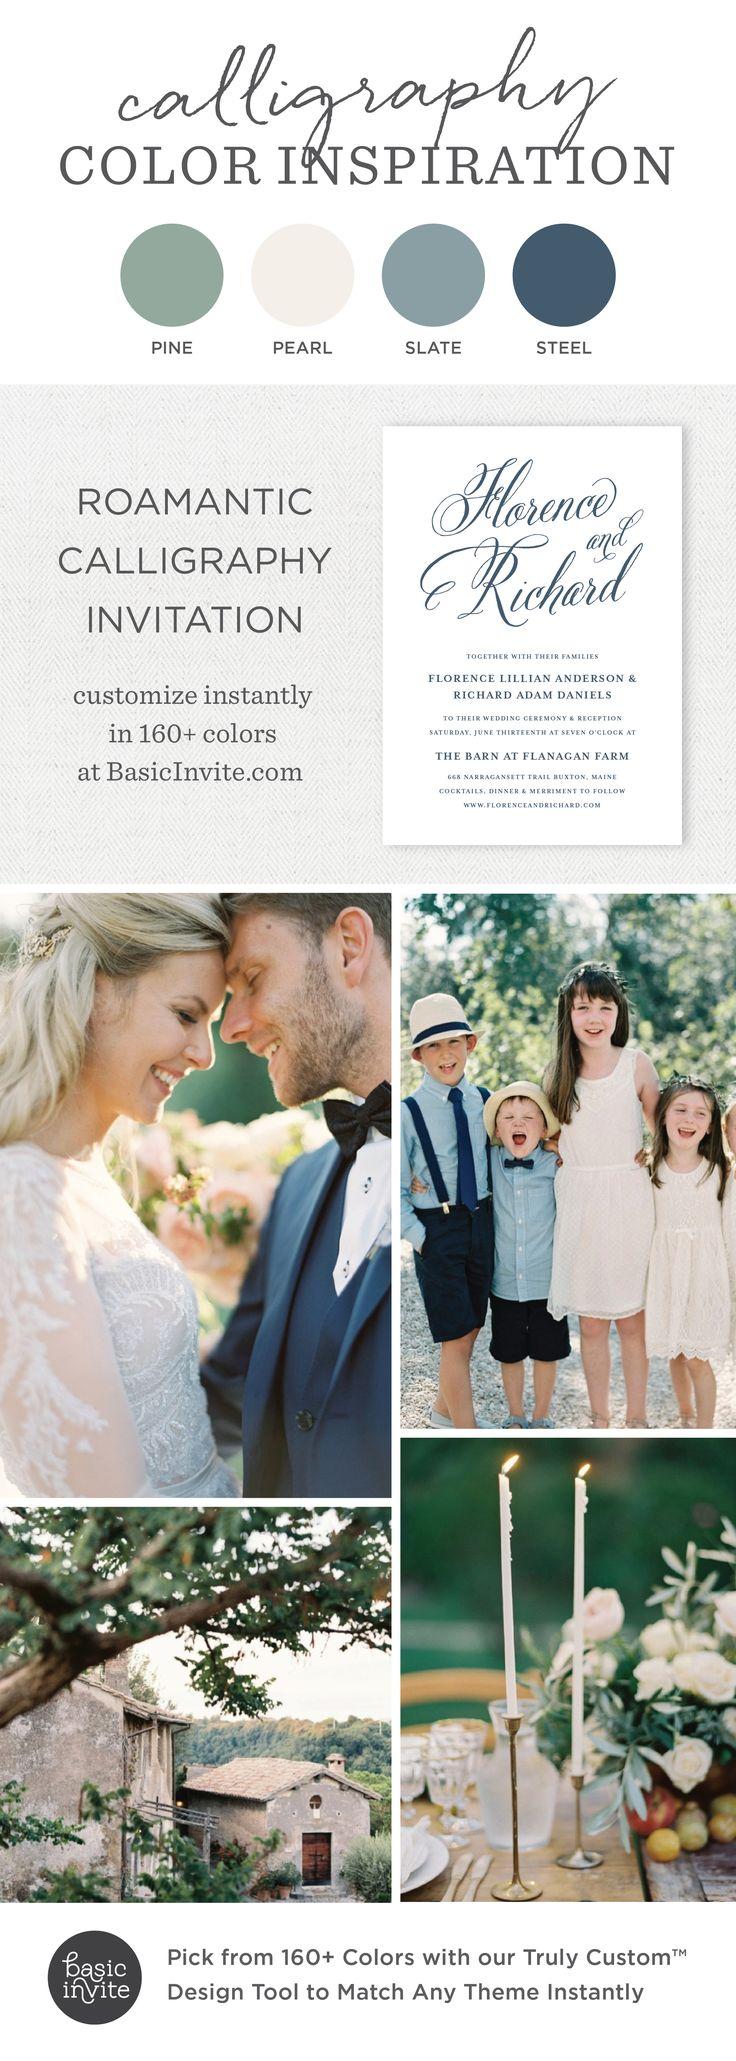 32 best Wedding Color Inspiration images on Pinterest | Color ...